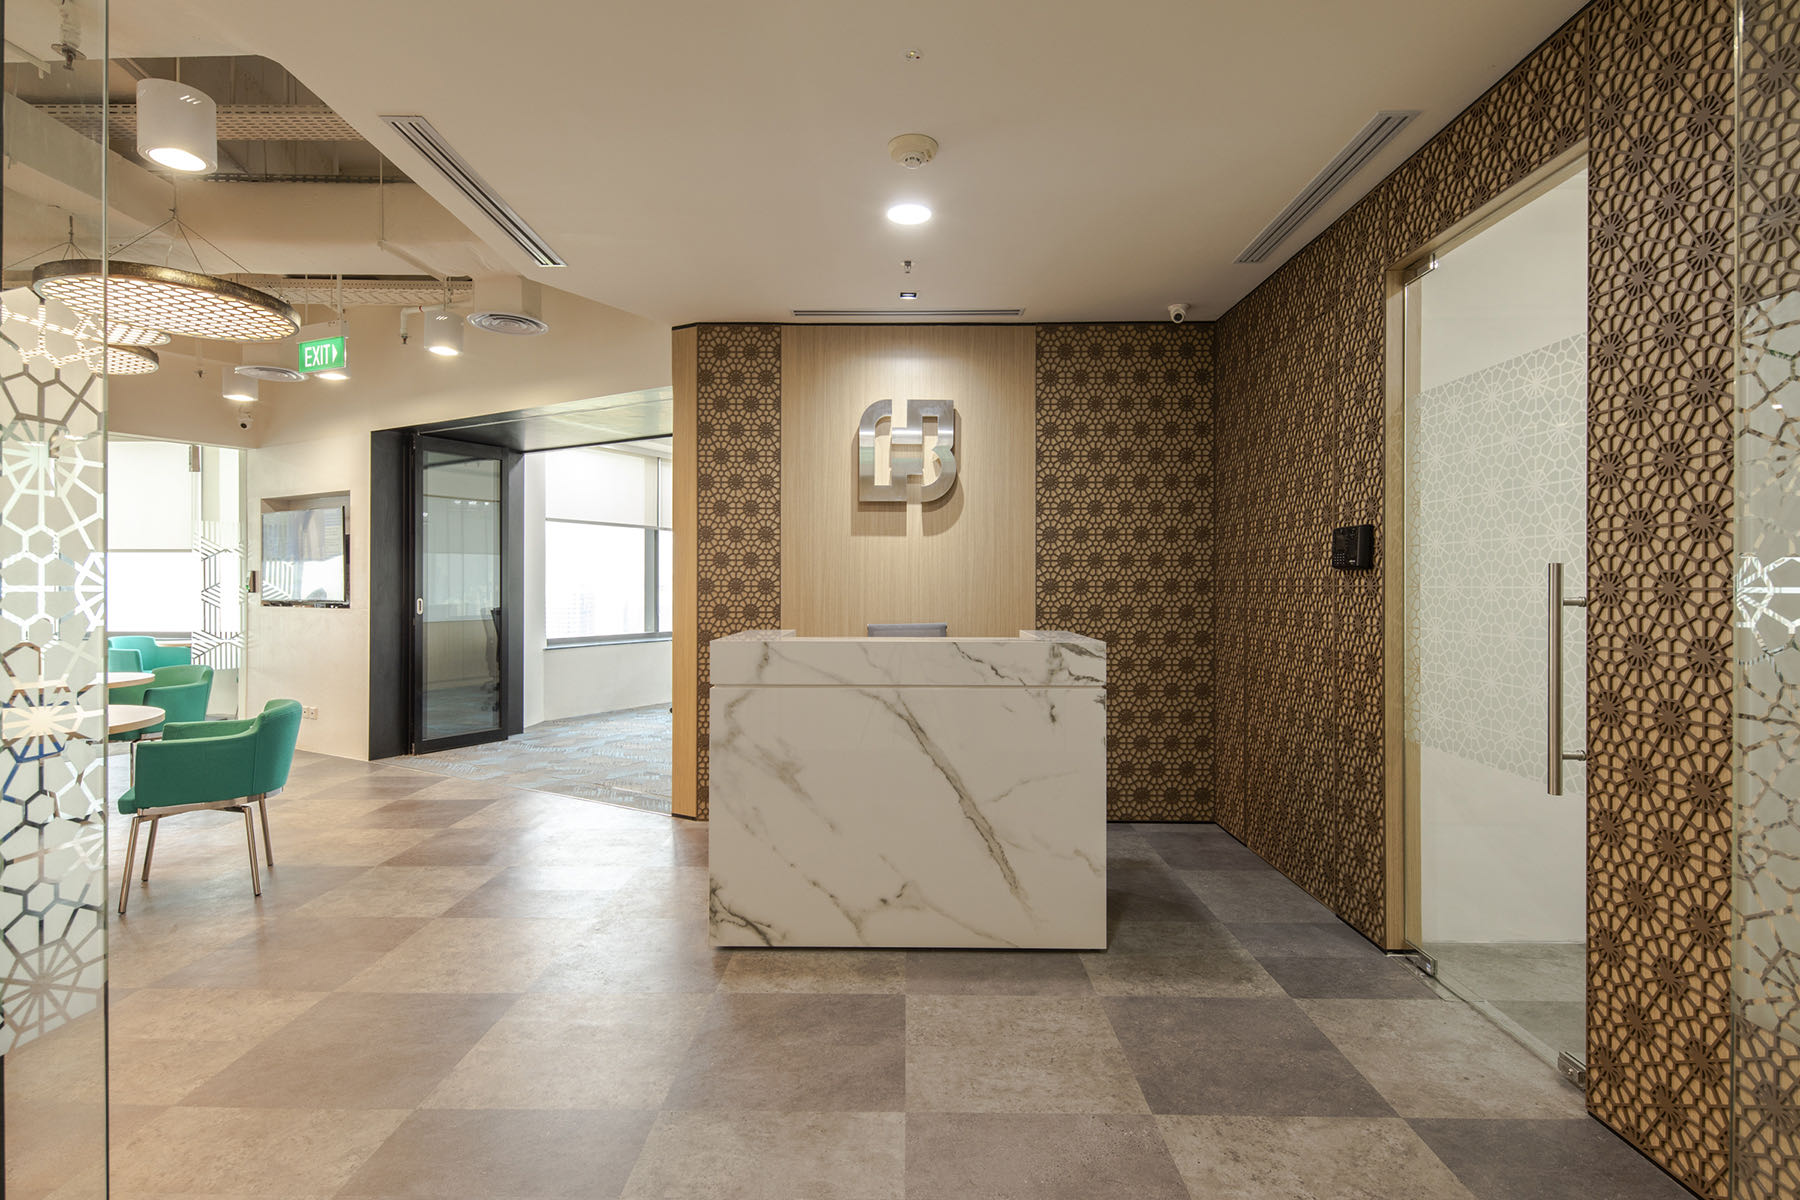 fubon-bank-jakarta-office-3